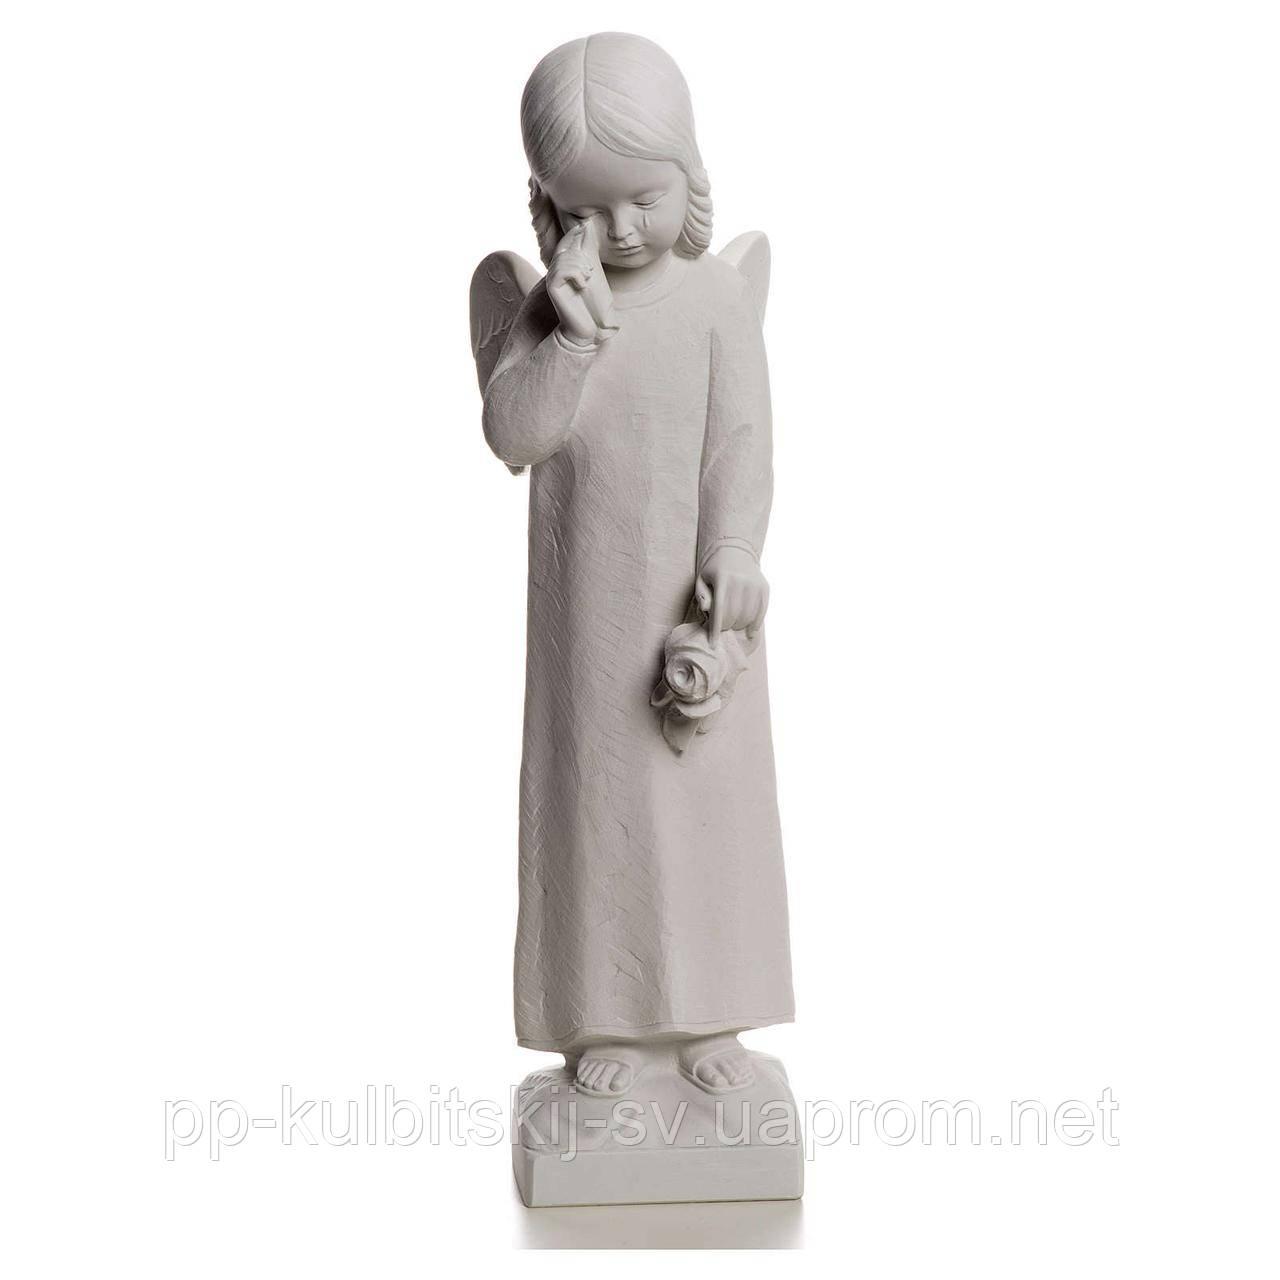 Скульптура Ангелочка на памятник К383